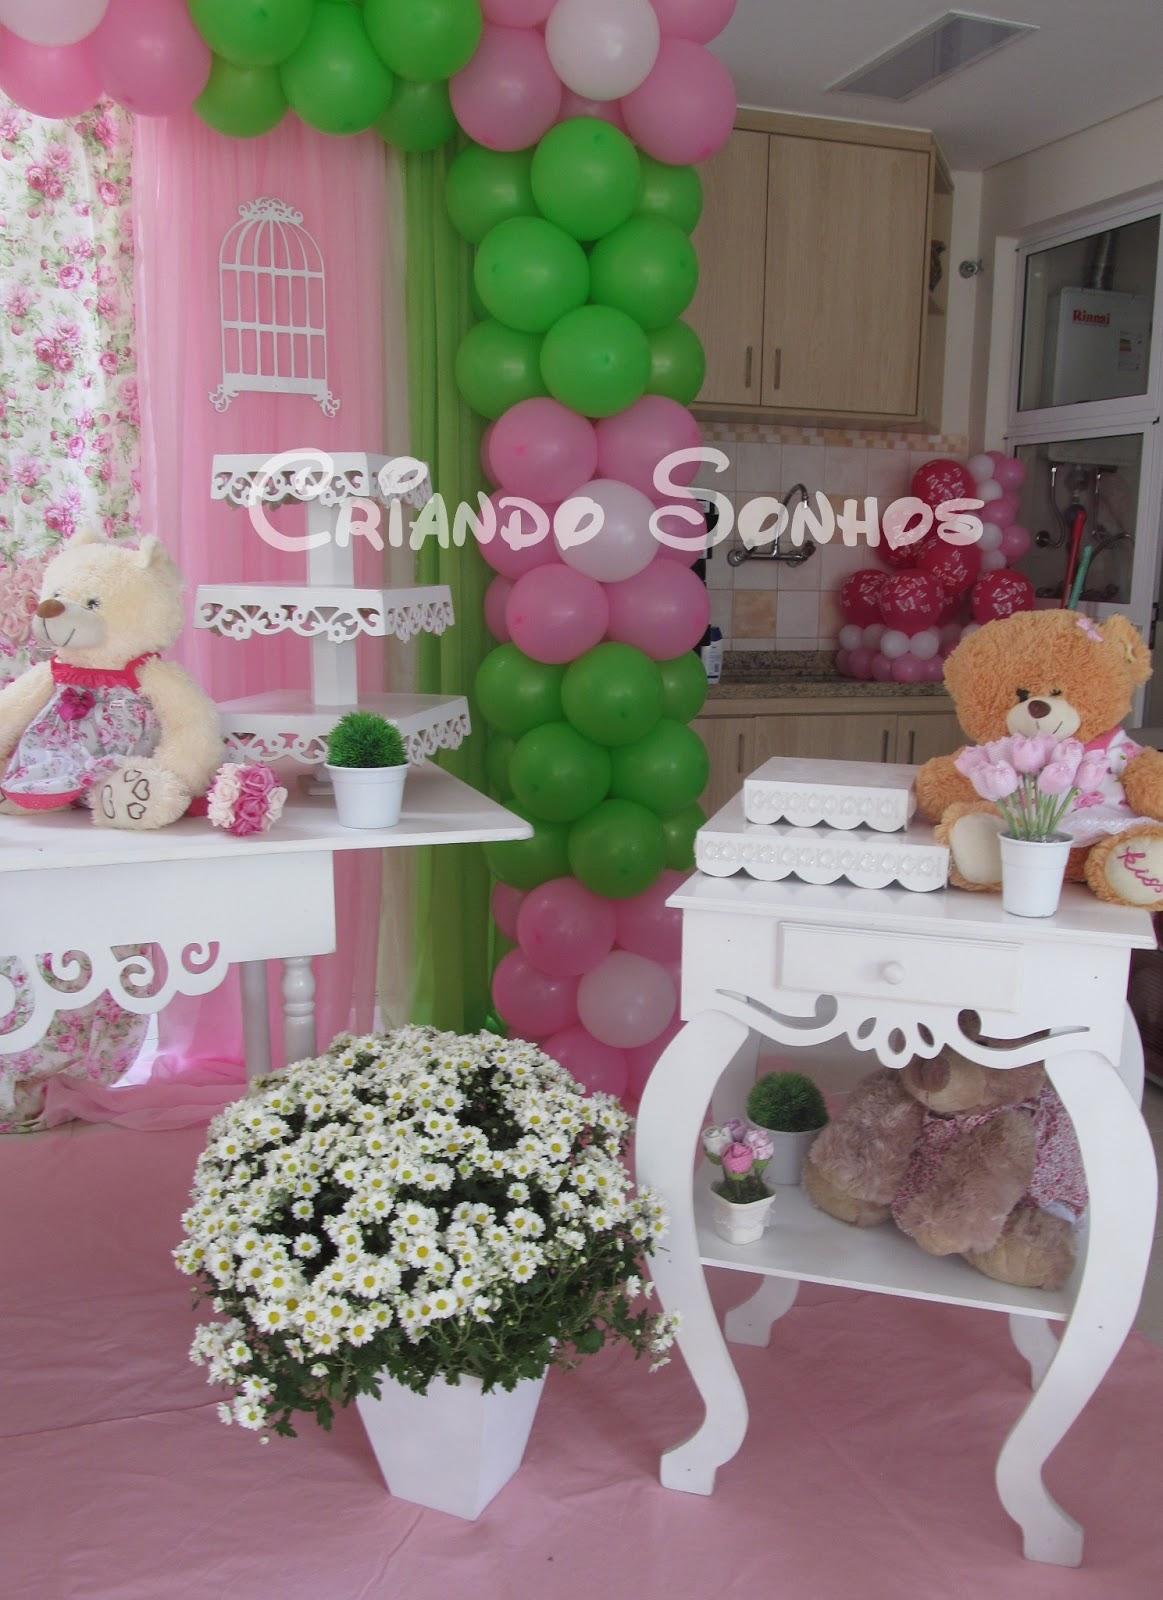 Criando Sonhos: DECORA??O DE FESTA INFANTIL JARDIM DAS URSAS